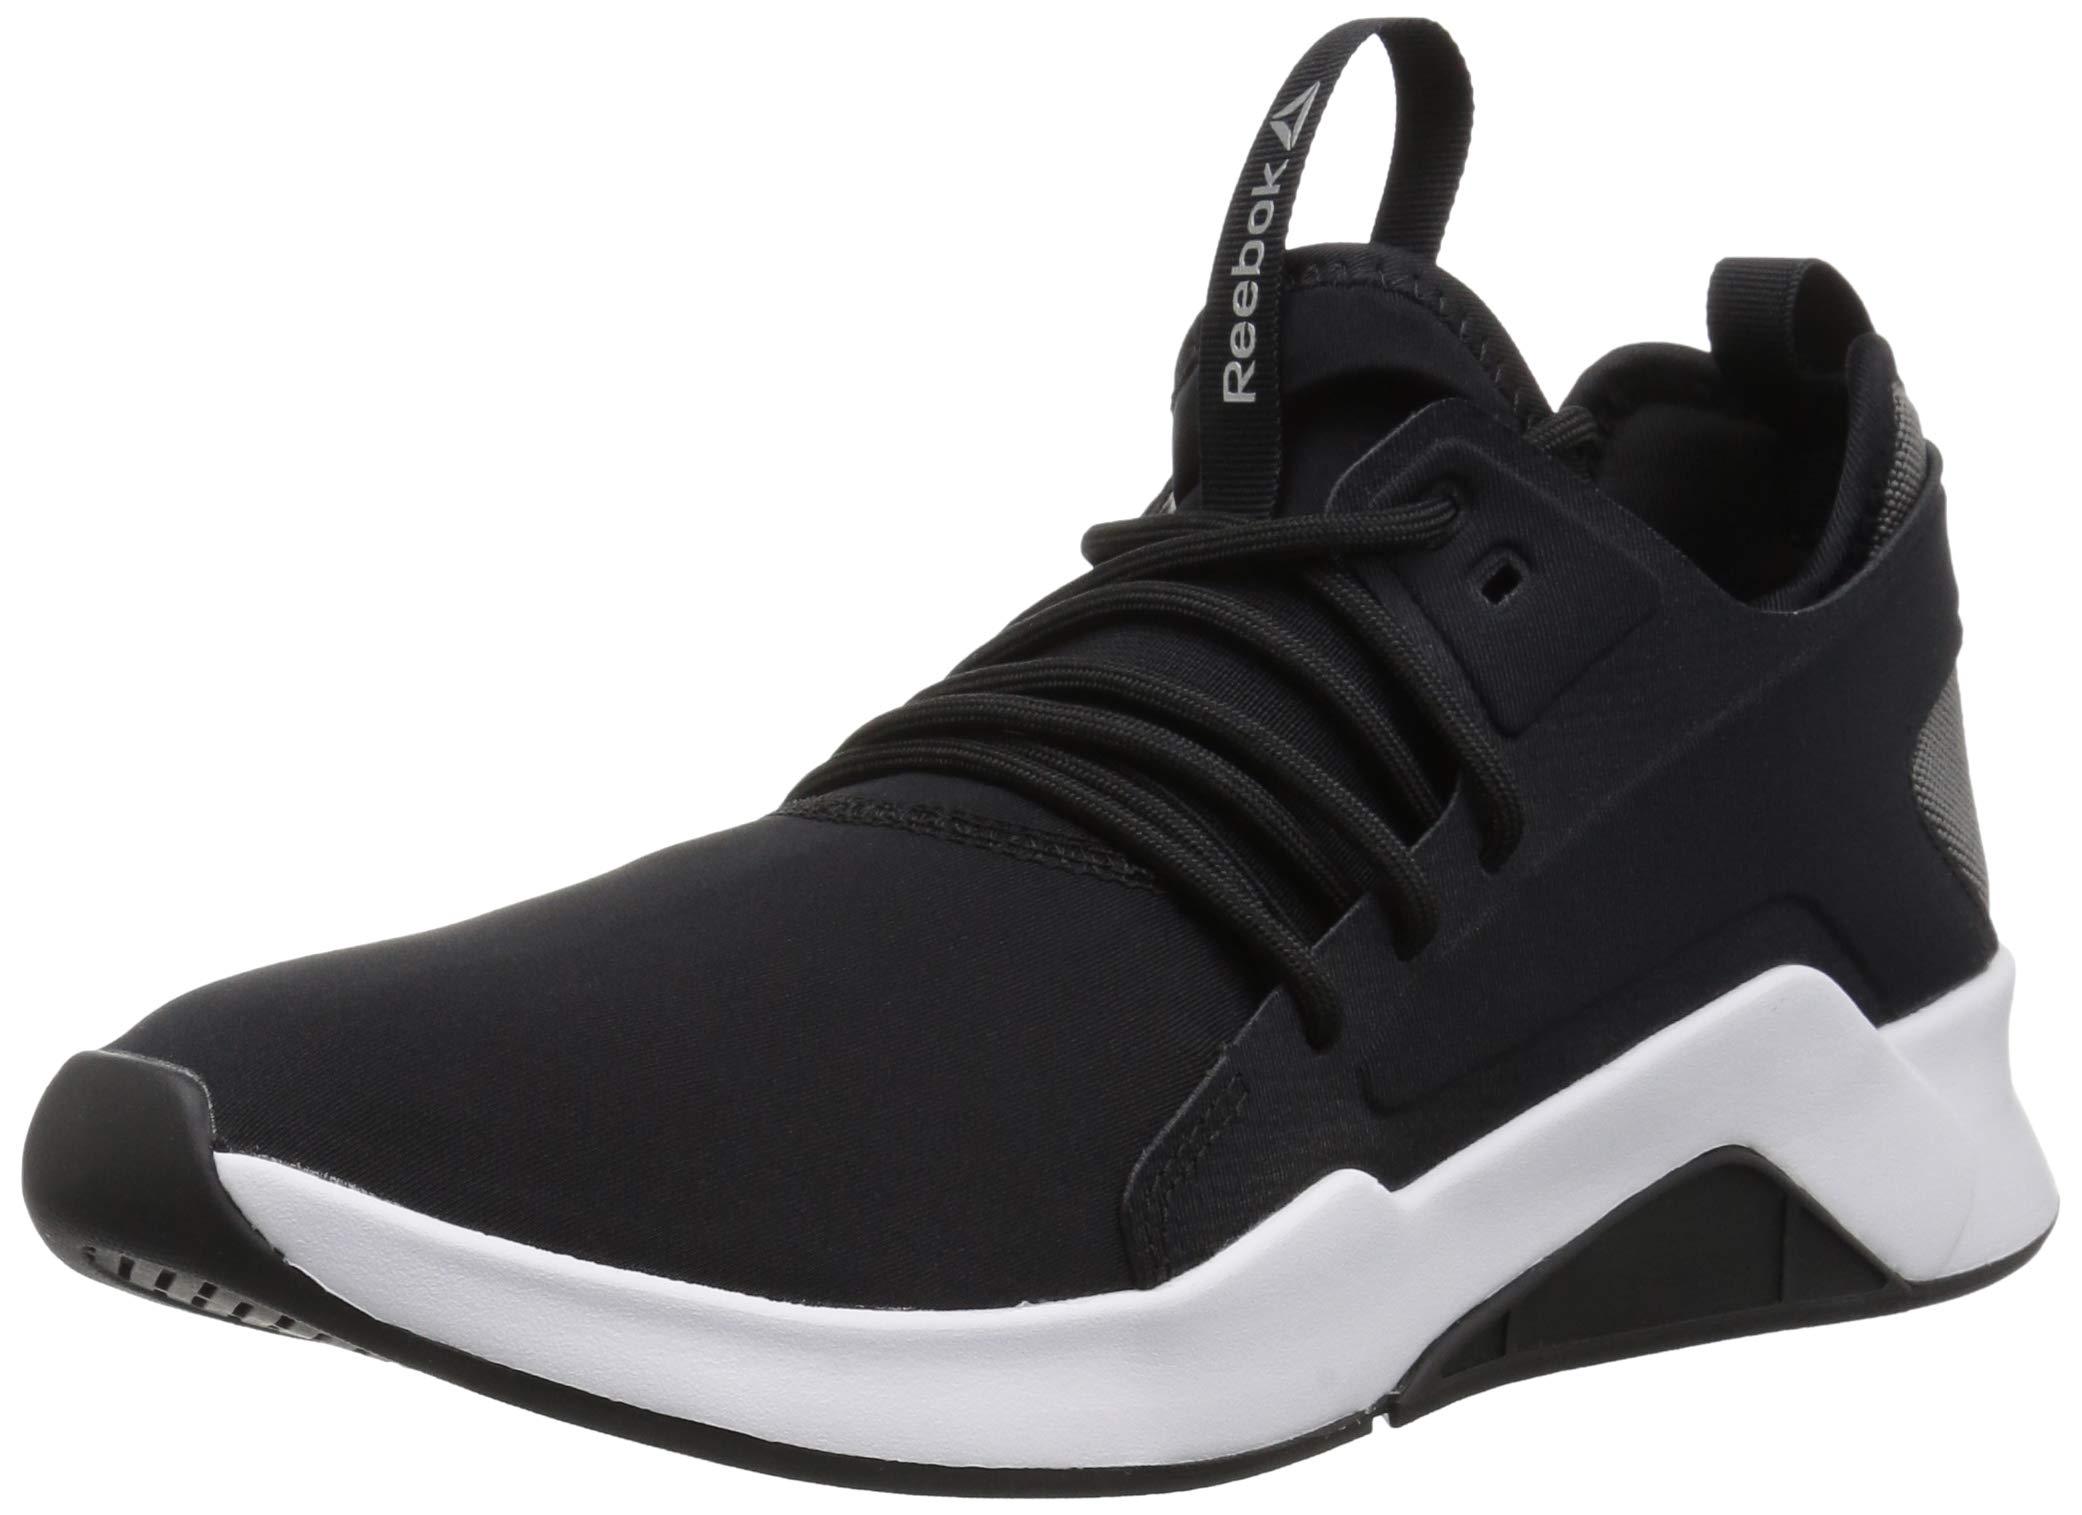 Reebok Guresu 2.0 Black White Women Crossfit Cross Training Shoes Sneaker CN2479